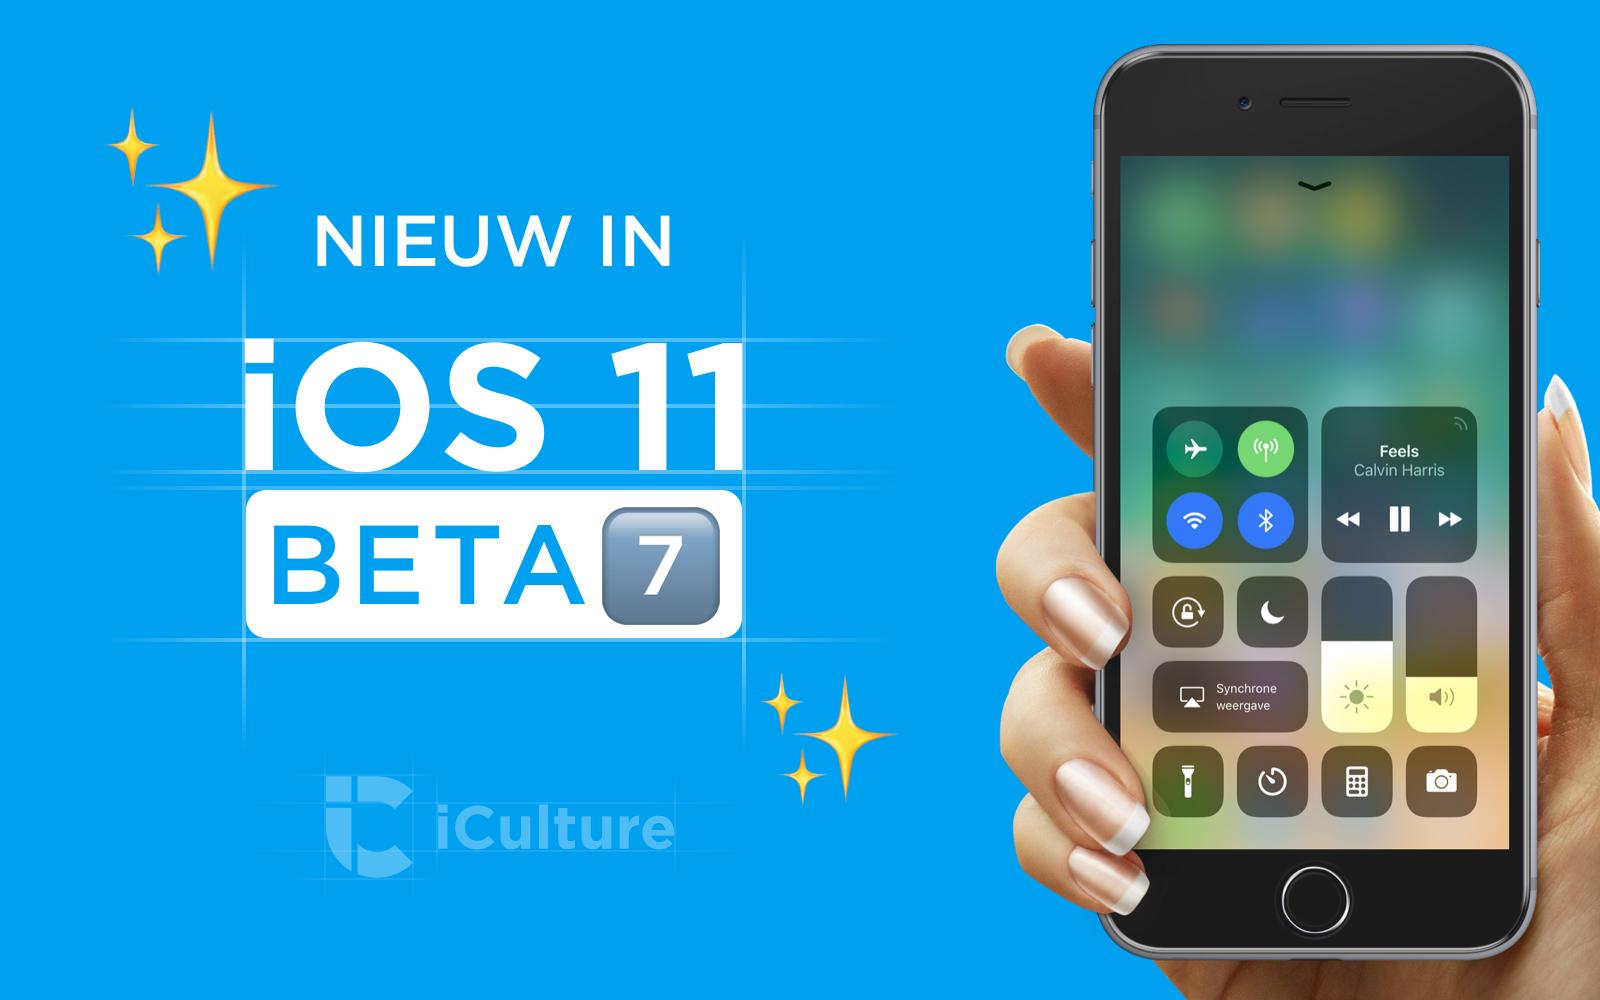 Nieuw in iOS 11 beta 7.